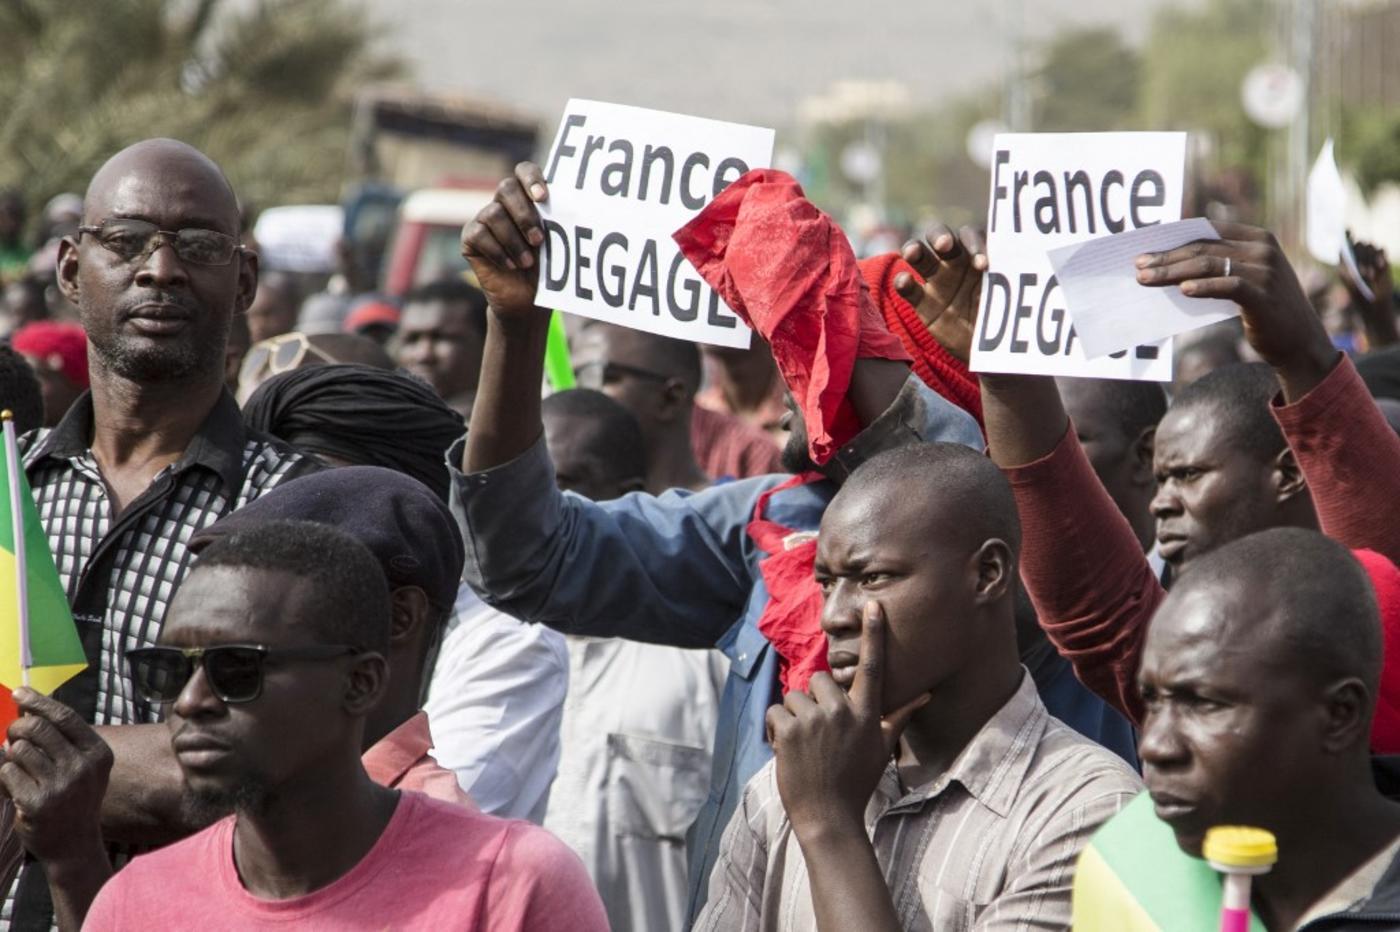 UNO bestätigt: Französischer Luftangriff im Januar in Mali tötete 19 Zivilisten